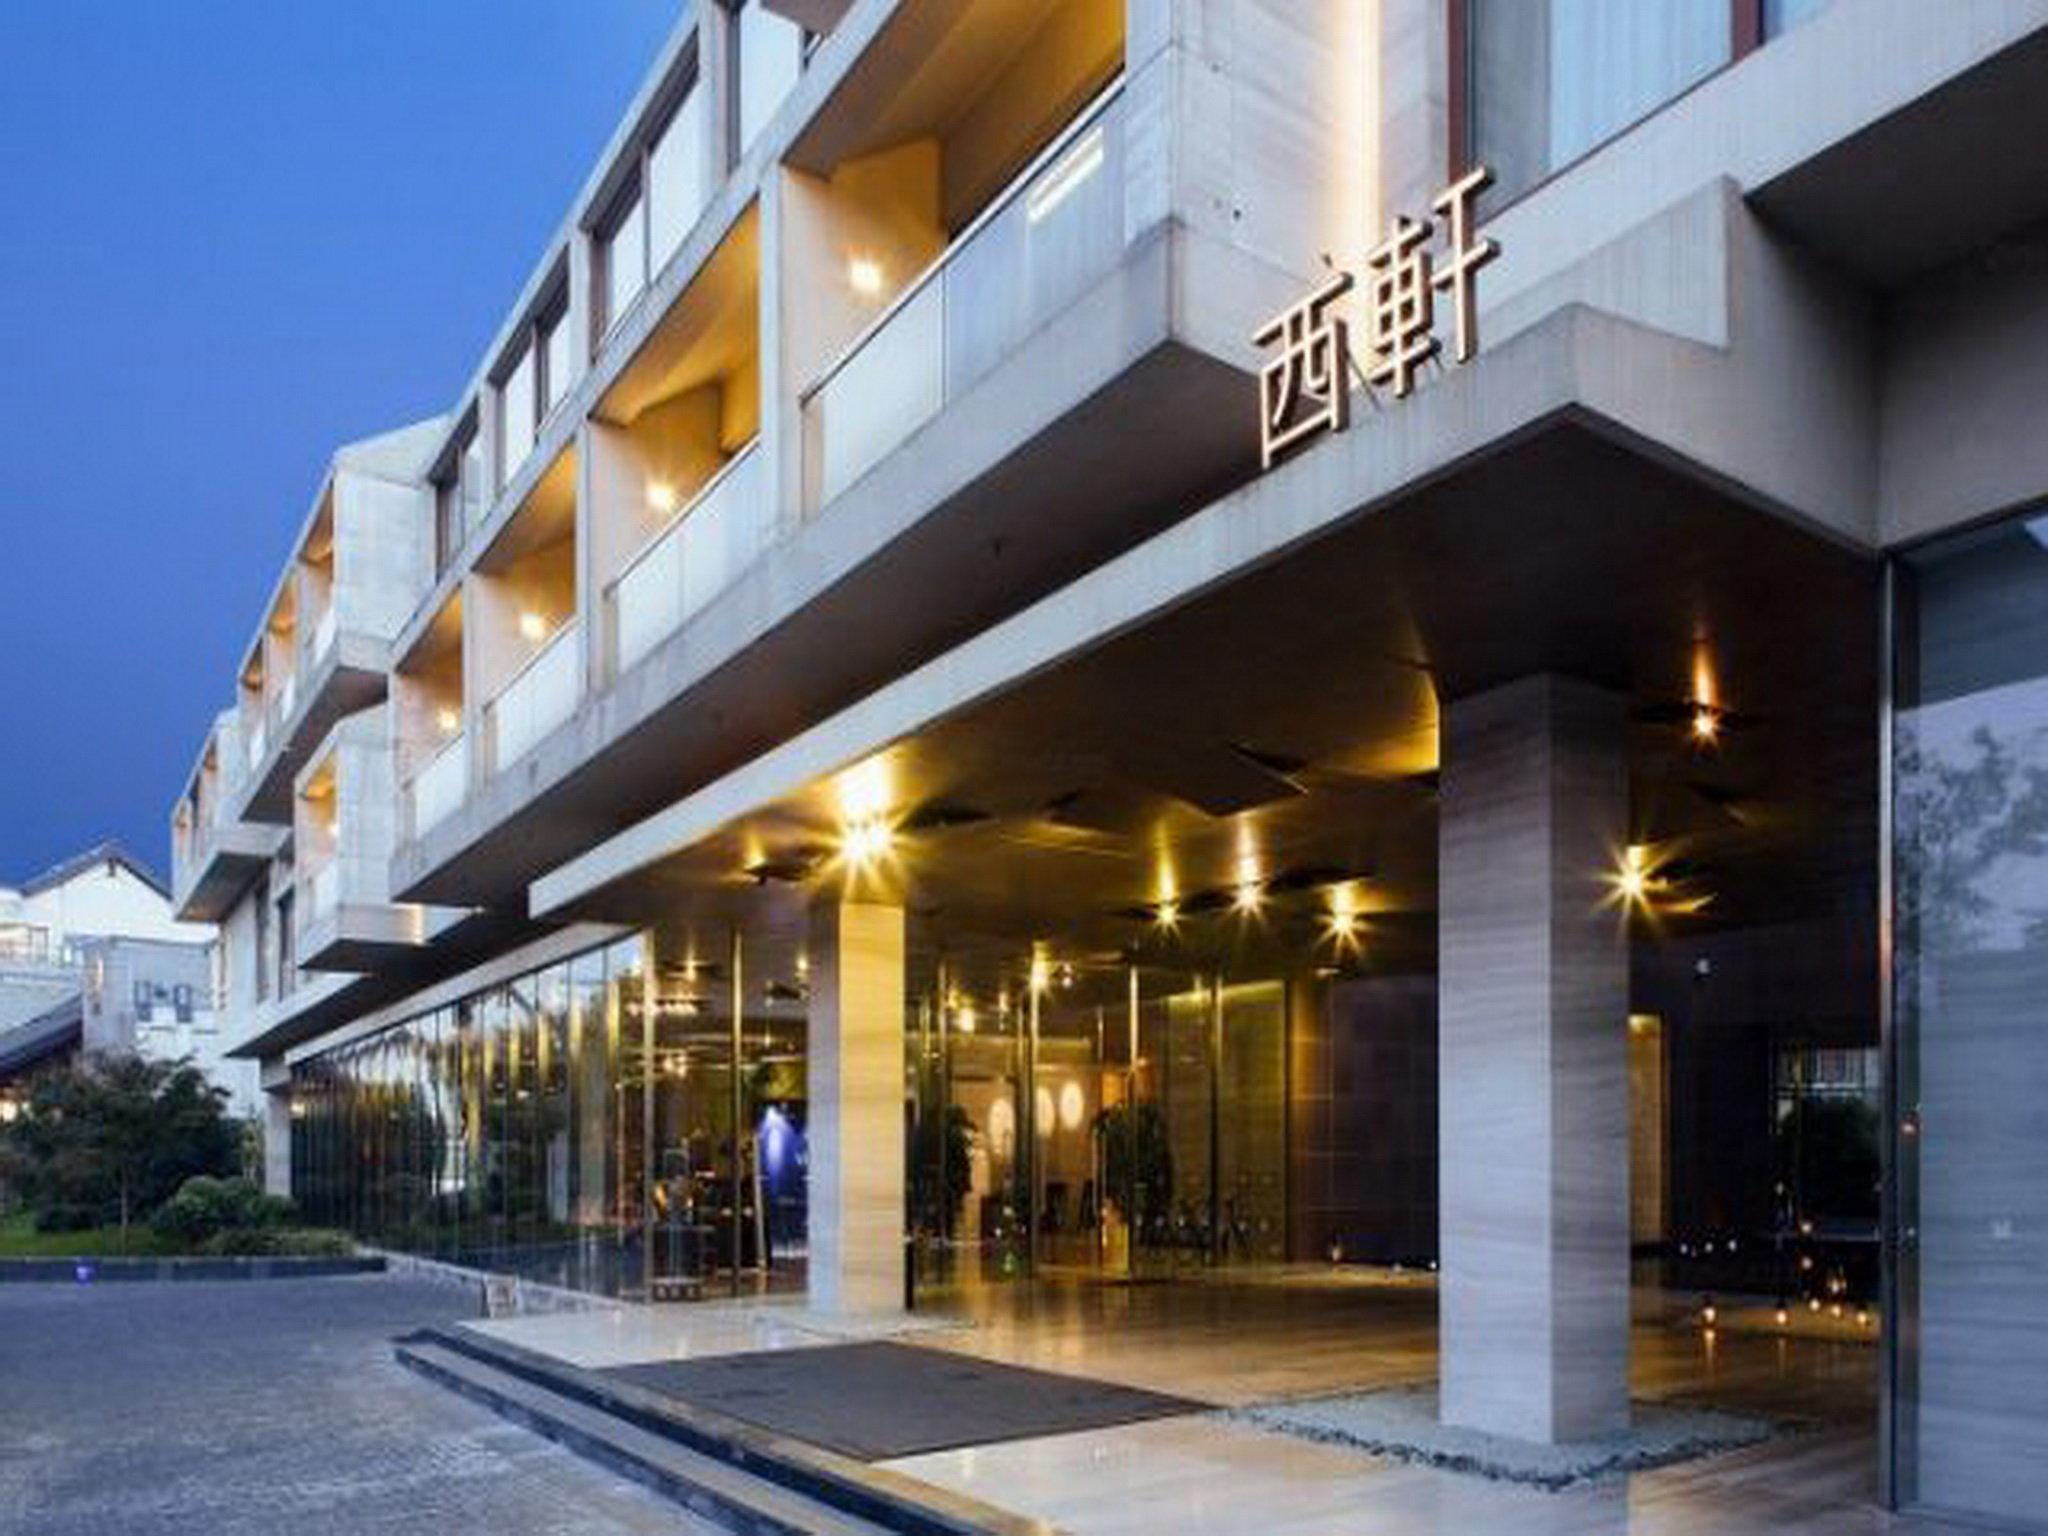 Xixuan Spa Hotel